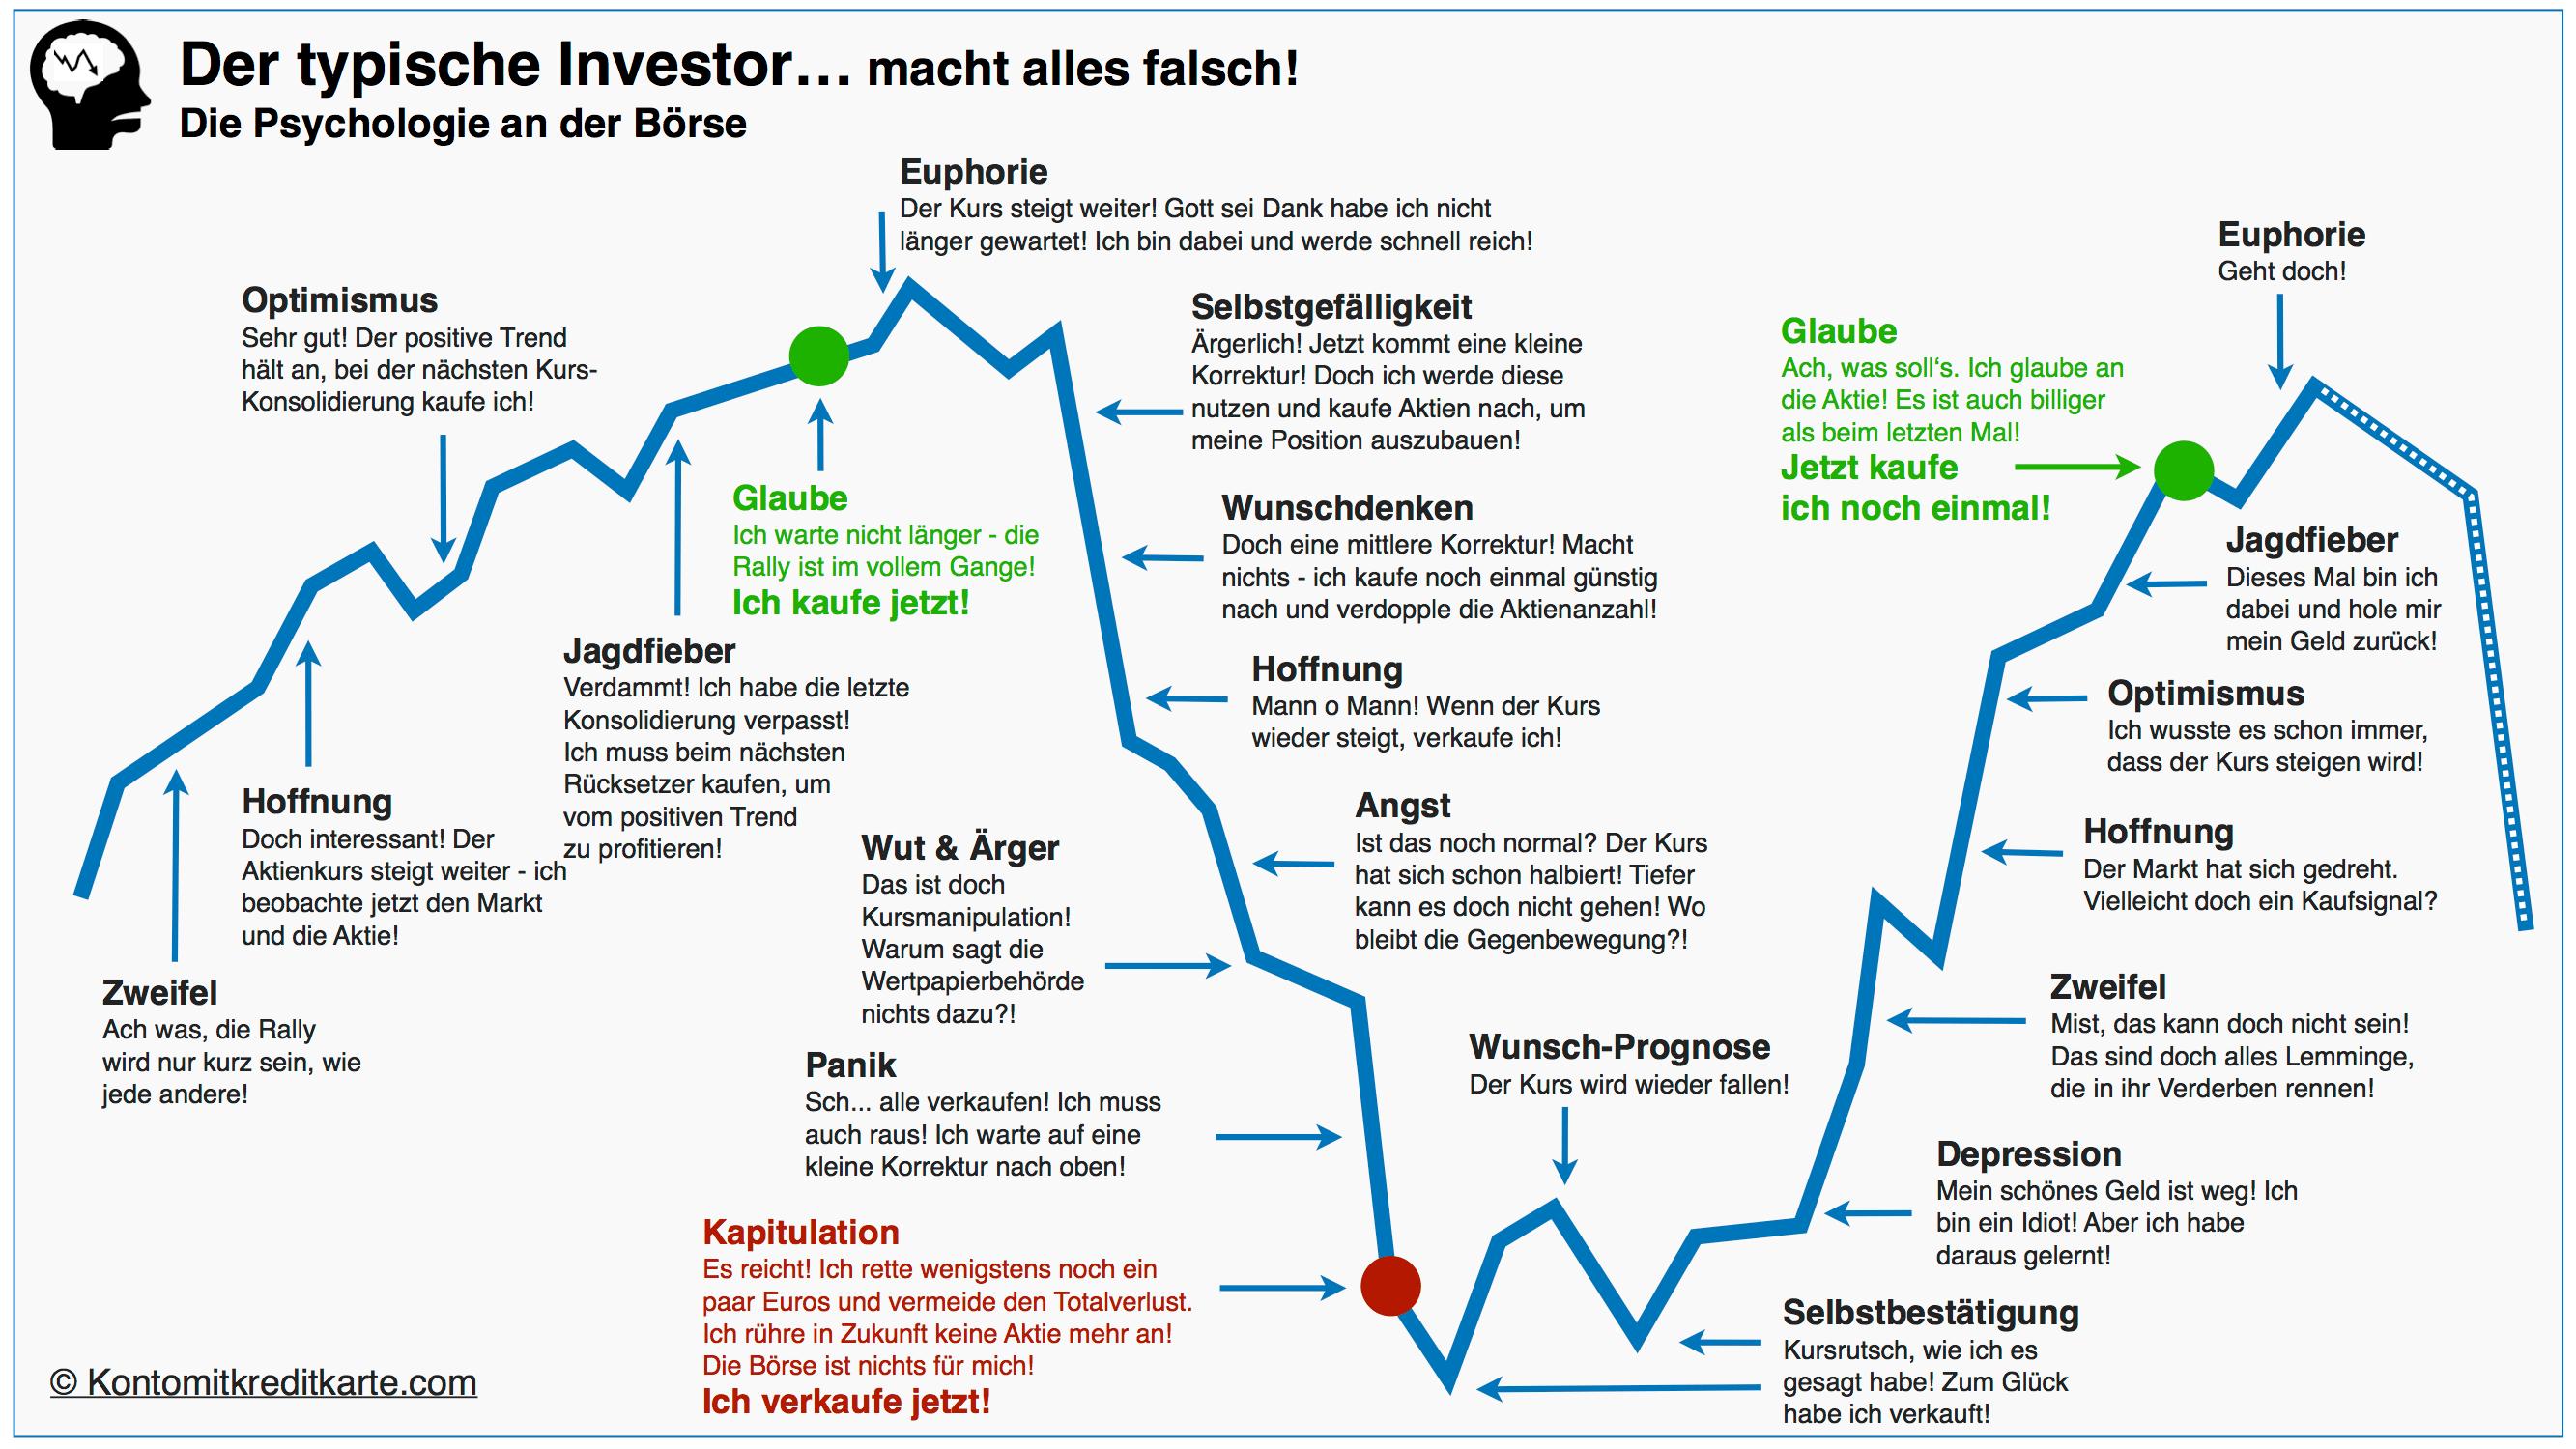 online-broker-der-typische-investor-min.png